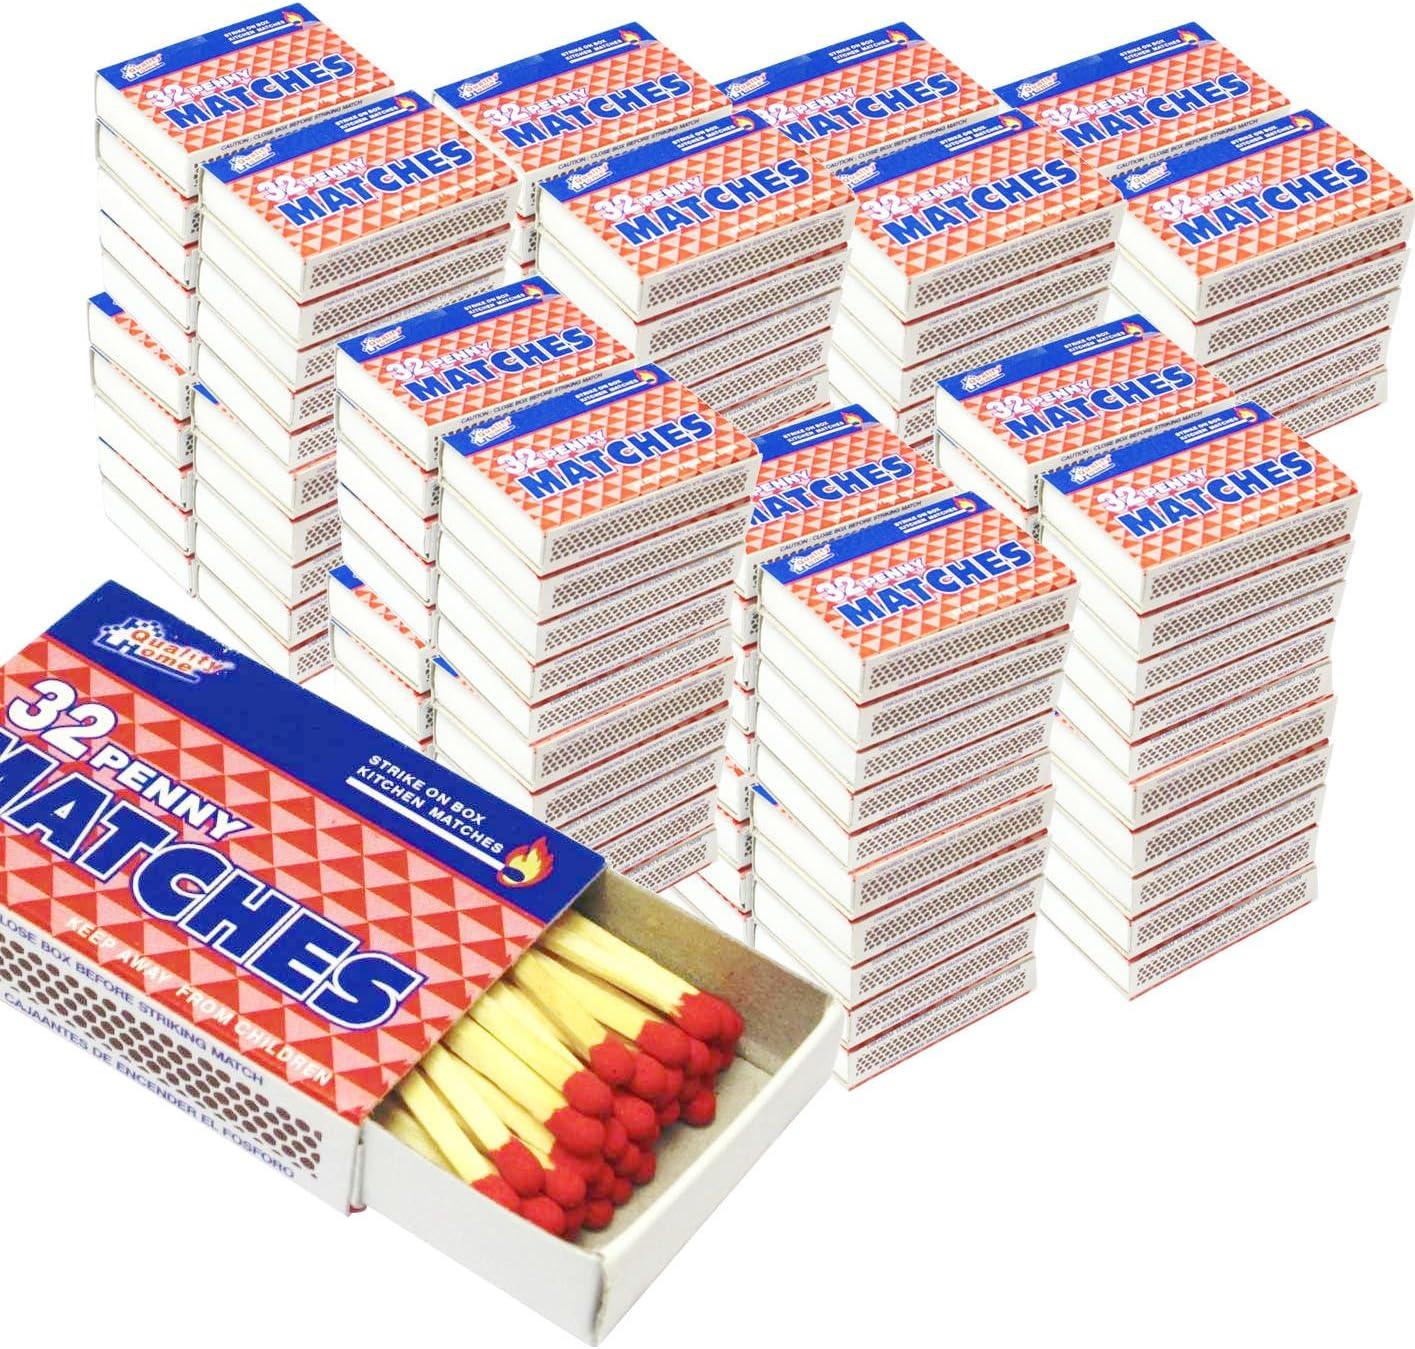 1000 価格交渉OK送料無料 蔵 Packs Matches 32 Count Strike Kitchen W Fire Box Camping on